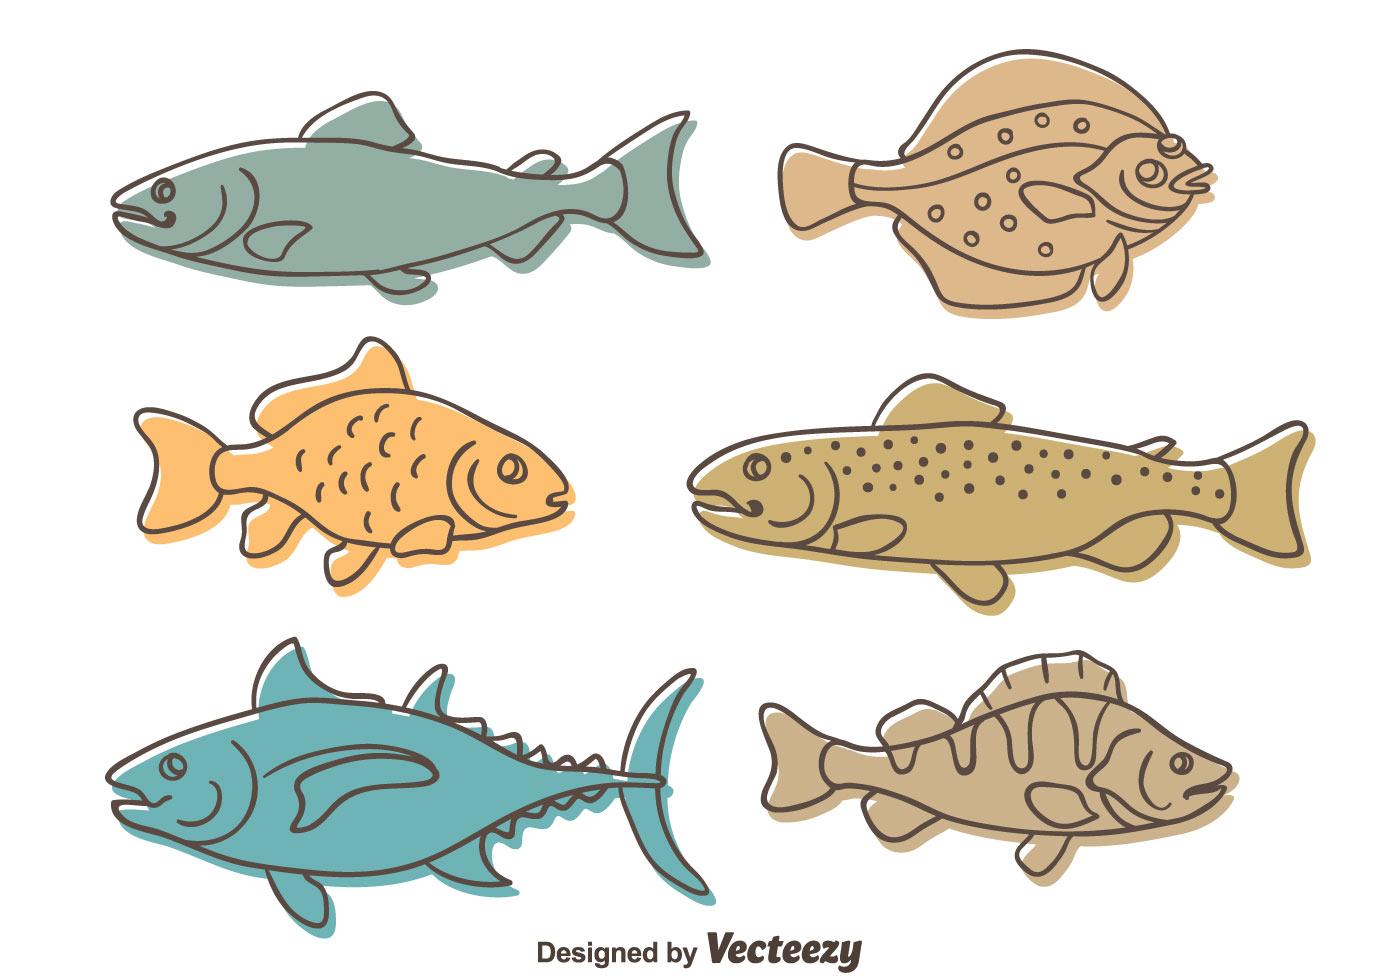 魚插畫 免費下載   天天瘋後製